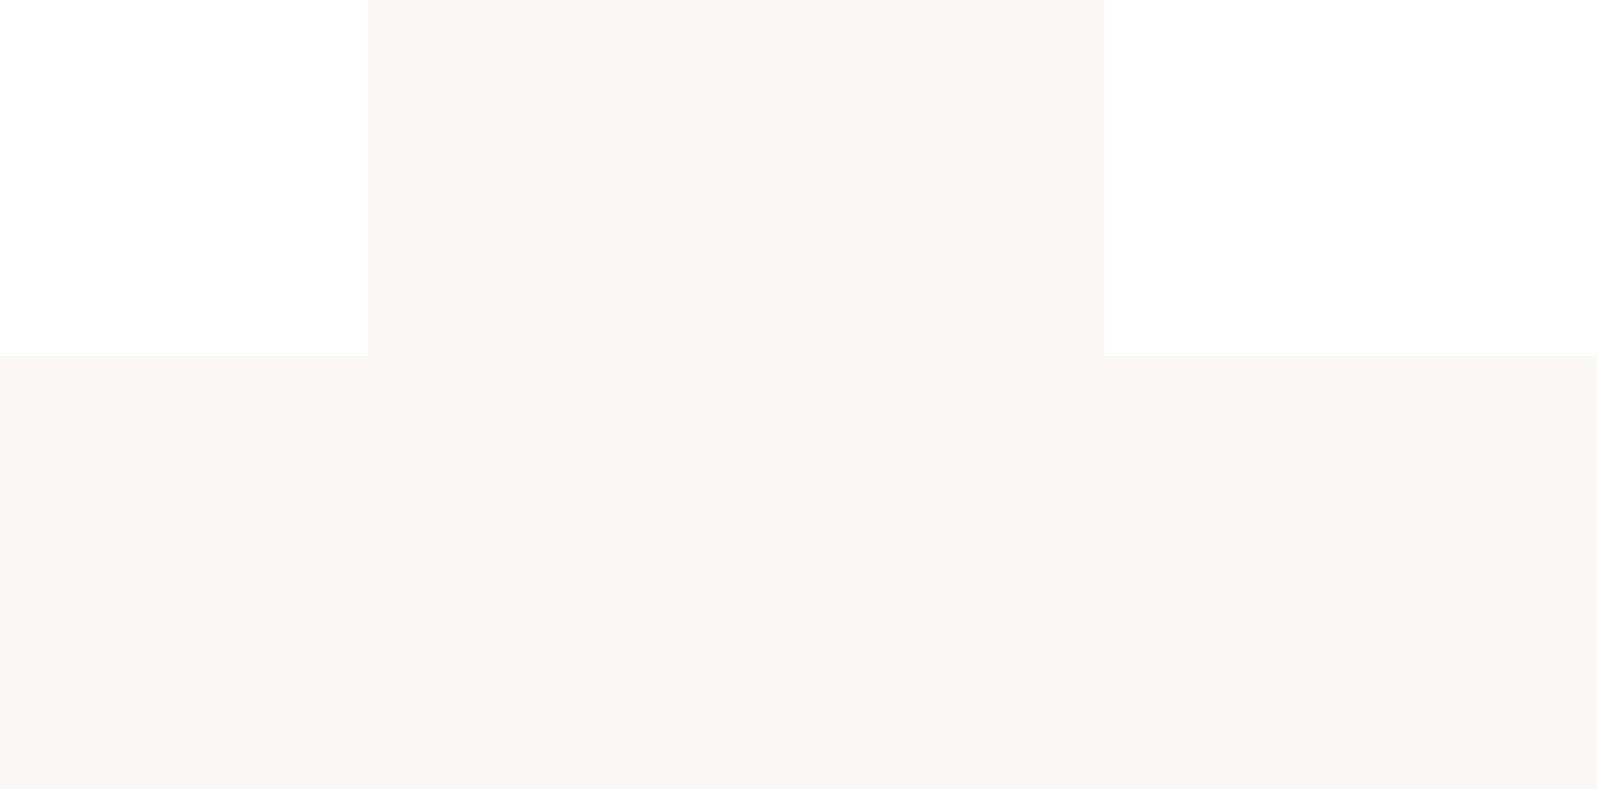 logo nền trong (1)